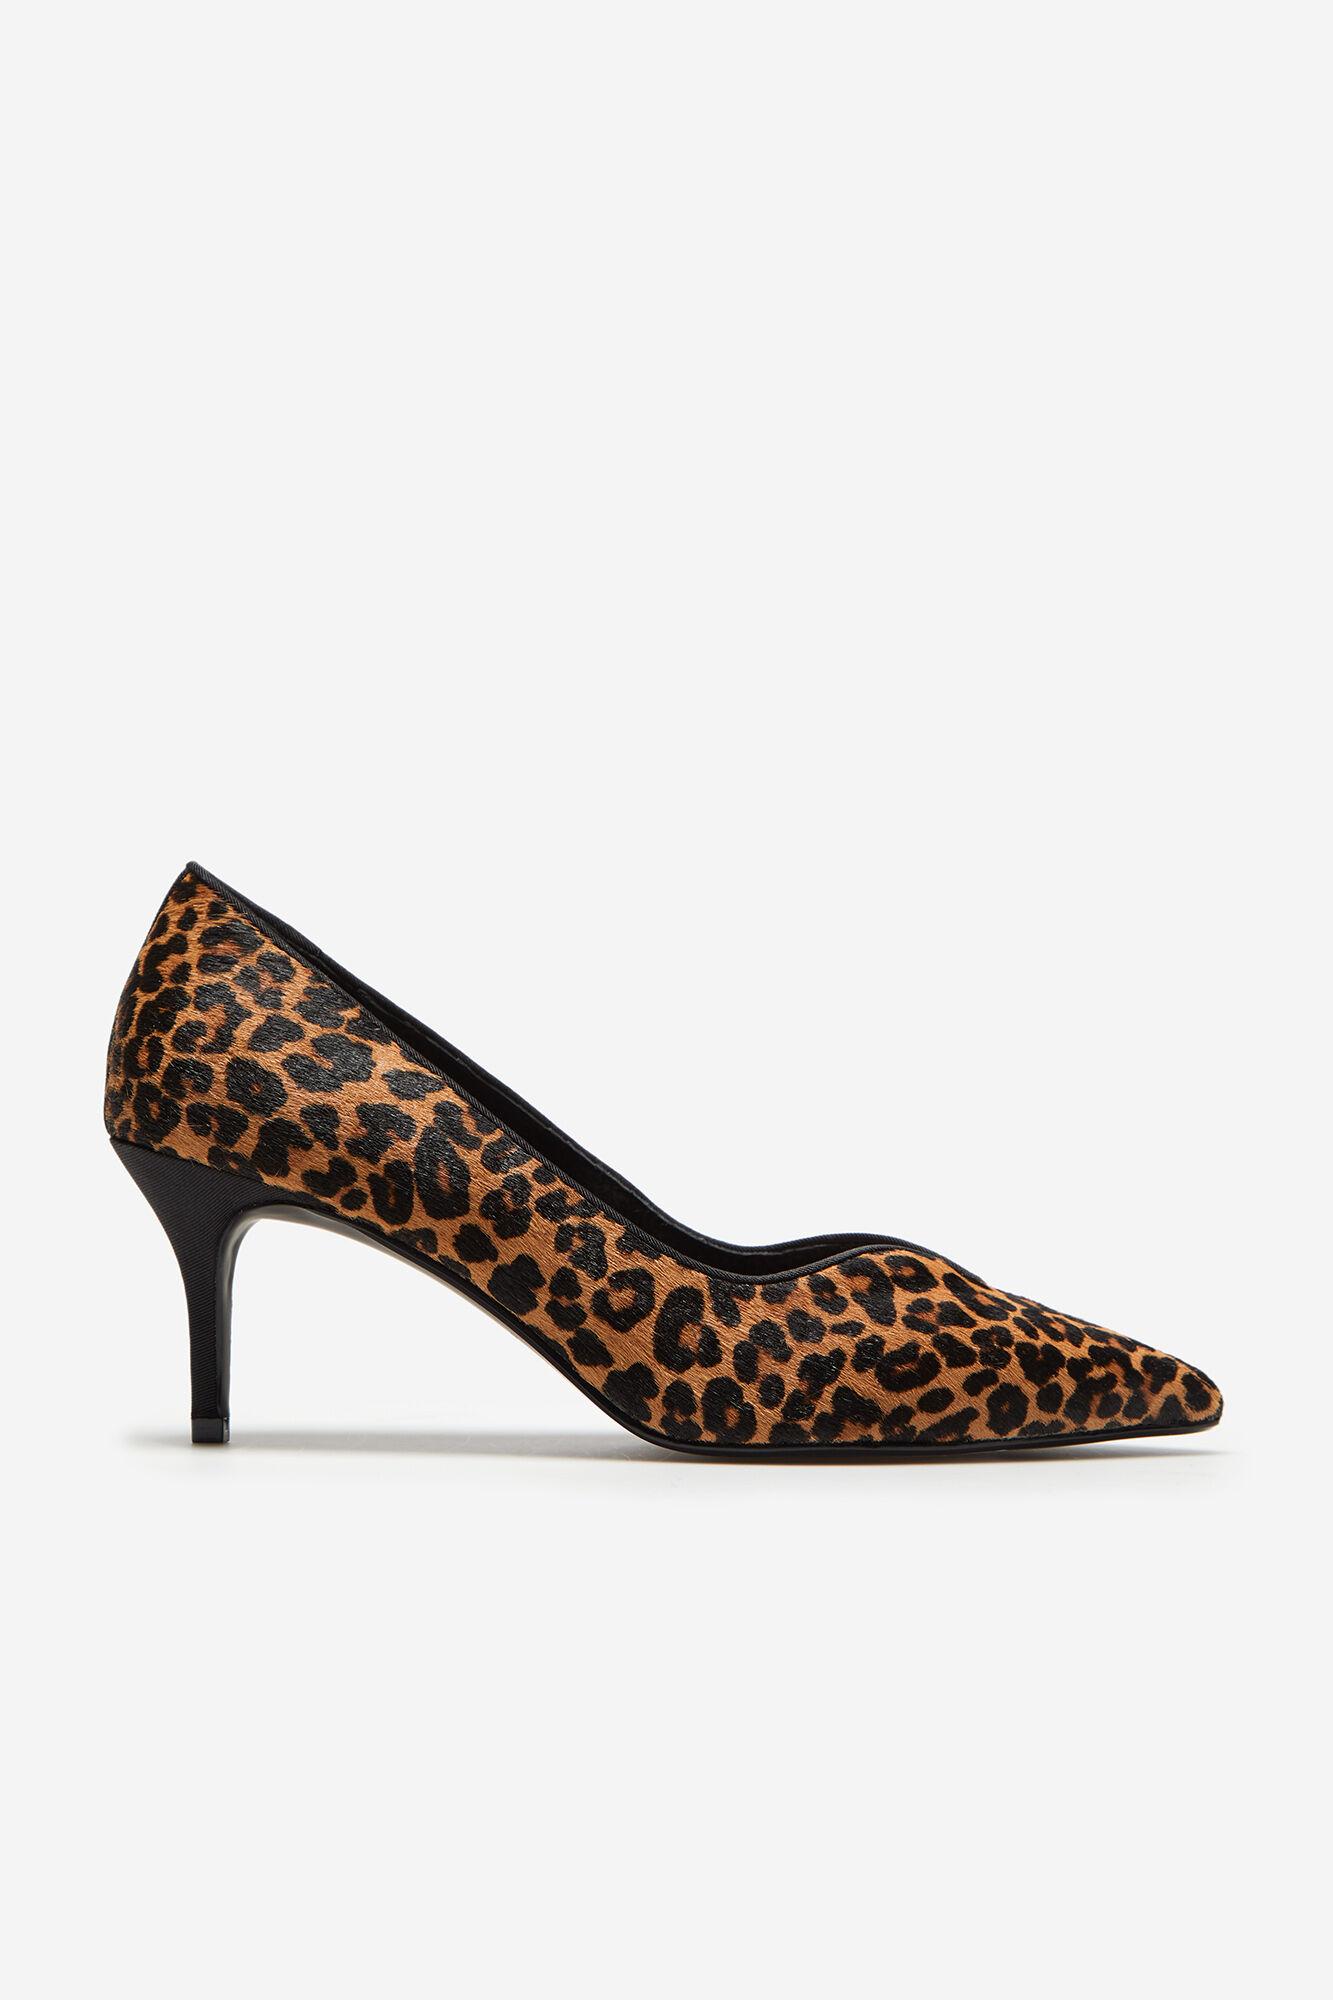 Zapatos MujerCortefiel De MujerCortefiel Zapatos Zapatos MujerCortefiel Zapatos Zapatos MujerCortefiel De De De De cTJuF13lK